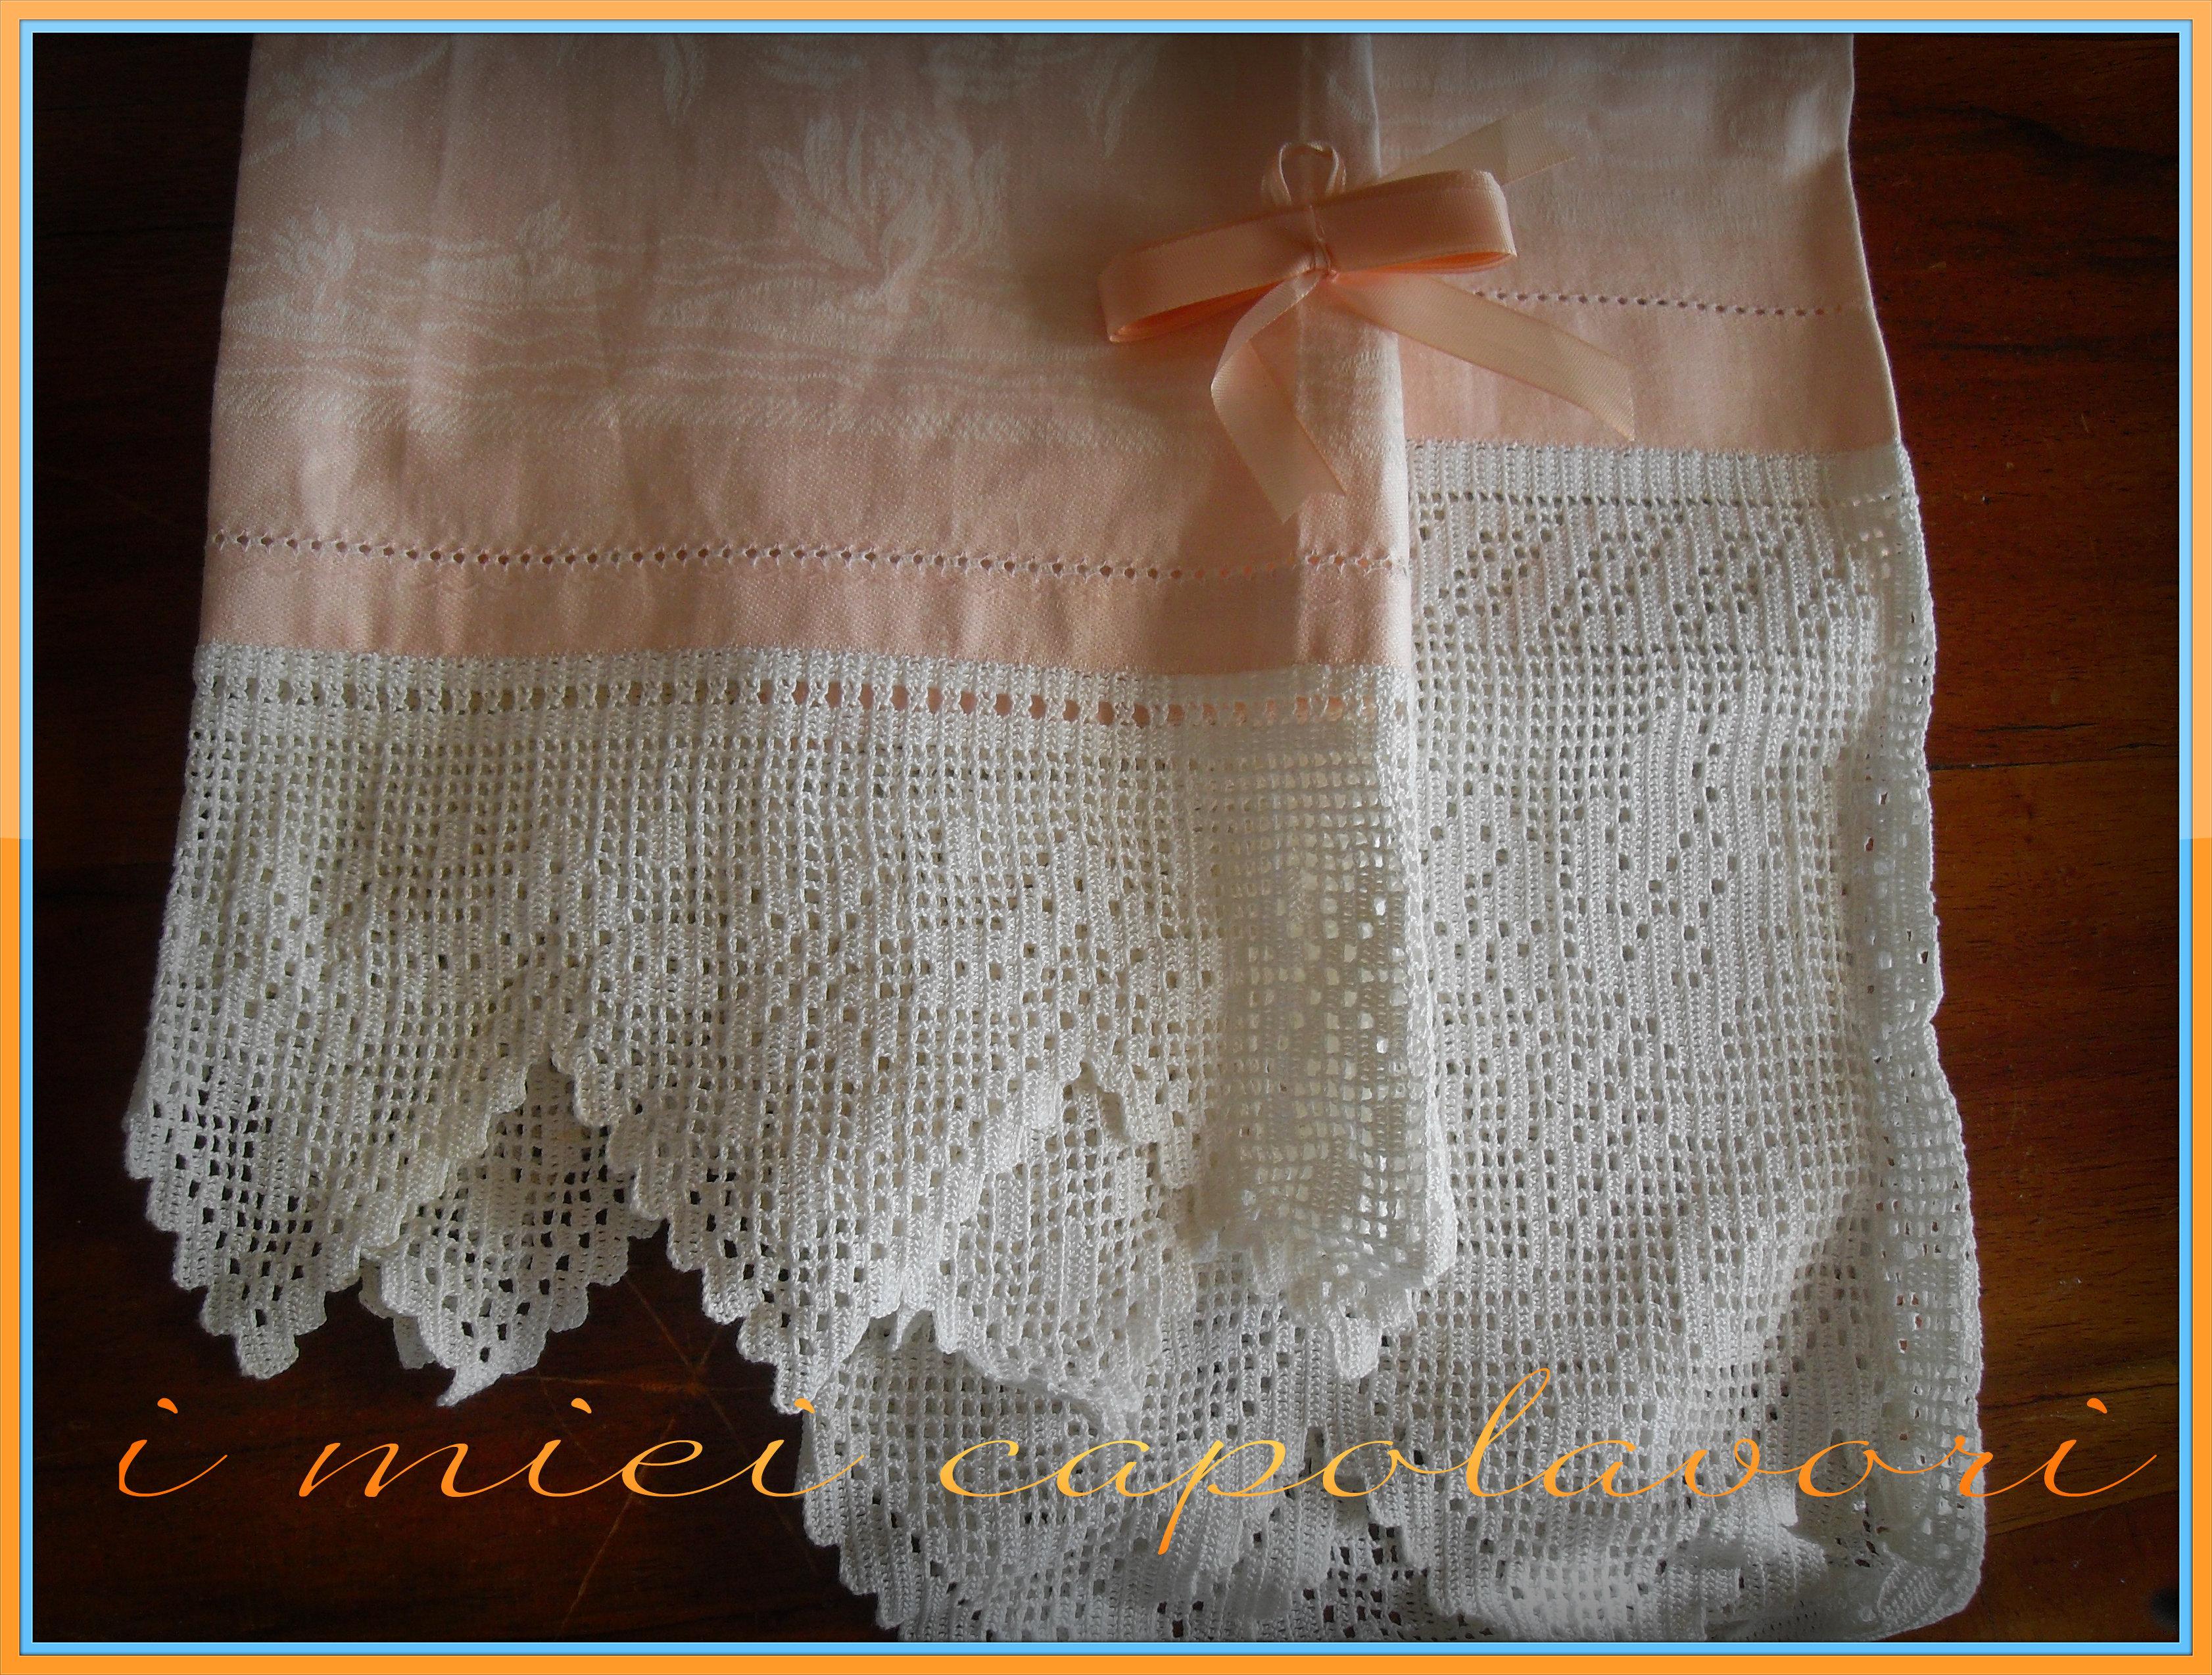 Asciugamani con rifiniture uncinetto e punto croce simo for Bordi uncinetto per asciugamani